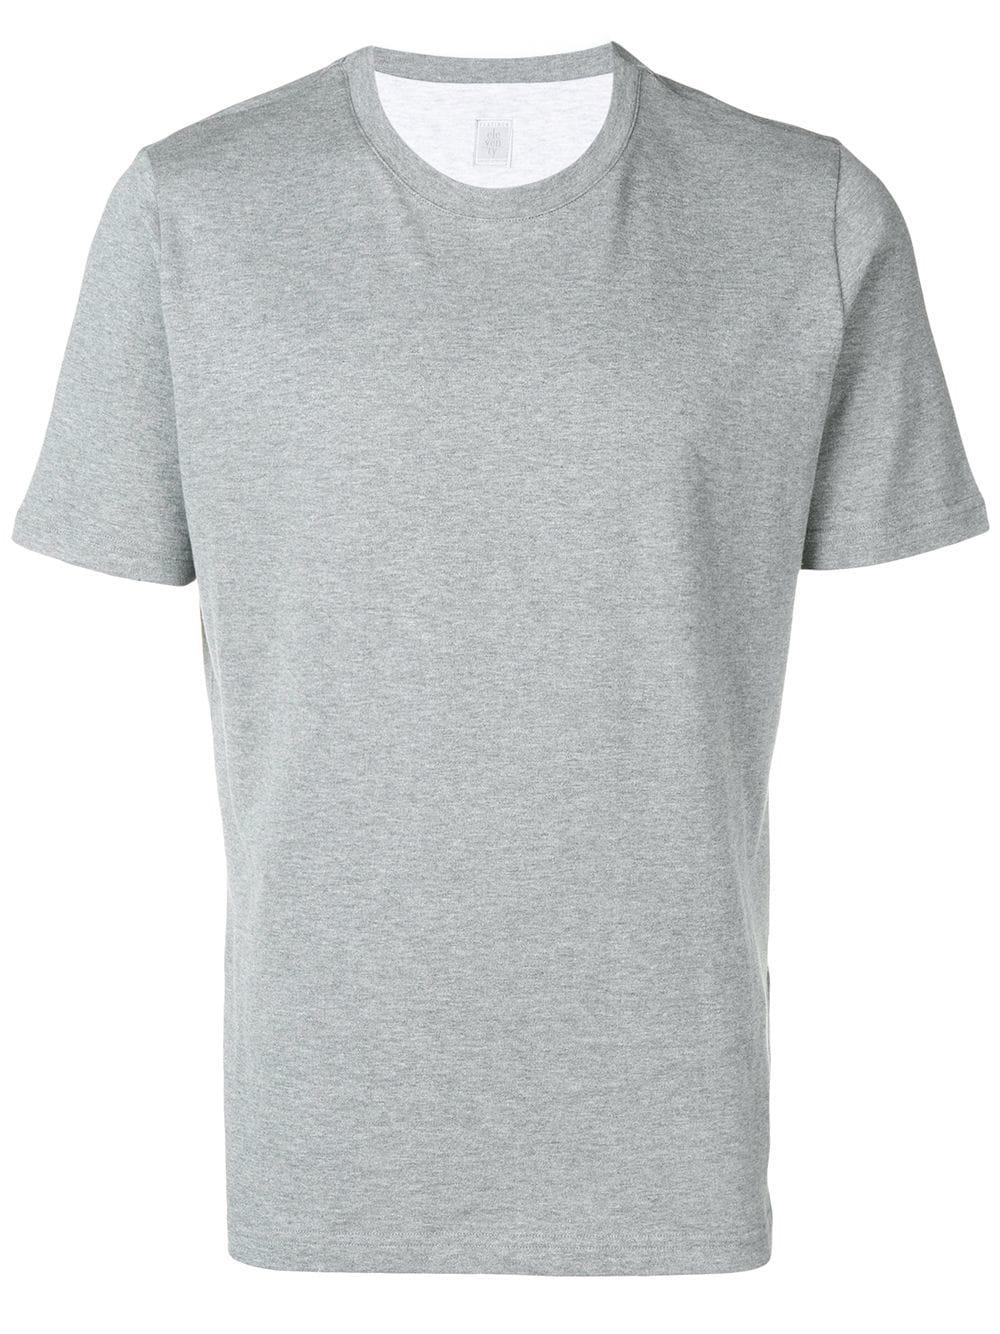 bf00733949f64c Eleventy T-Shirt Mit Rundem Ausschnitt - Grau In Grey